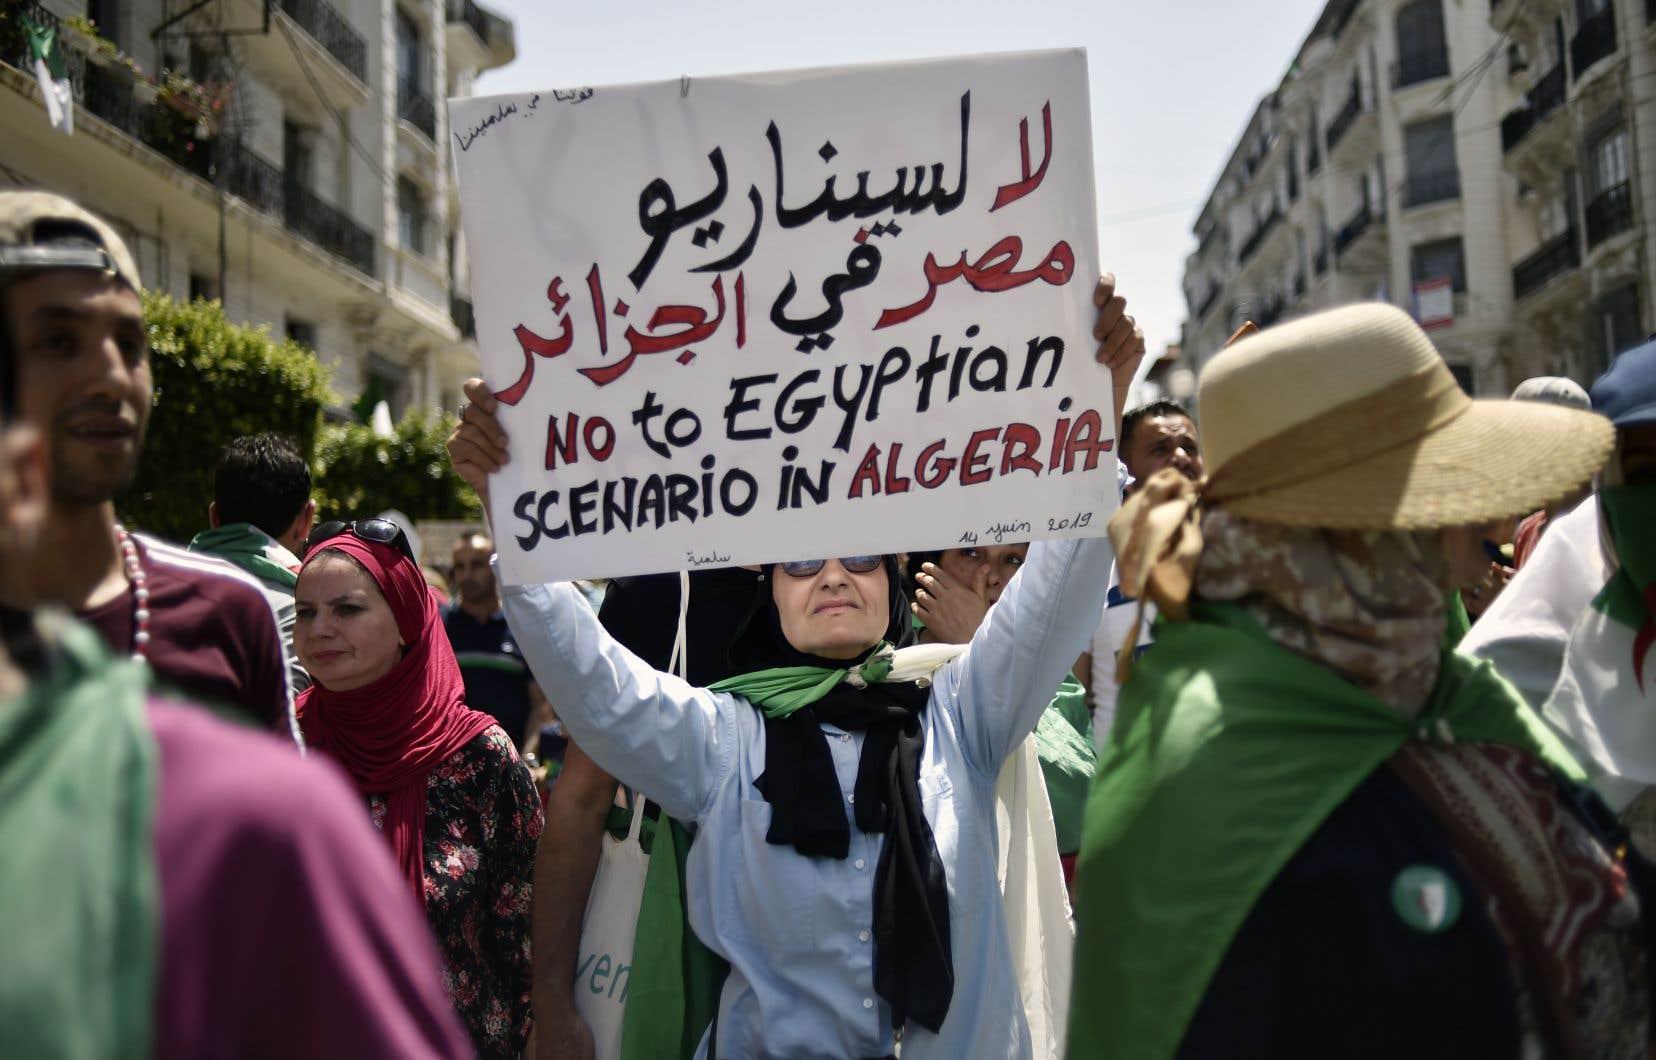 L'Hirak, le mouvement populaire et pacifique qui fait descendre les Algériens dans la rue contre le régime Bouteflika, ne faiblit pas. Ci-dessus, des images croquées dans les rues d'Alger, vendredi dernier.